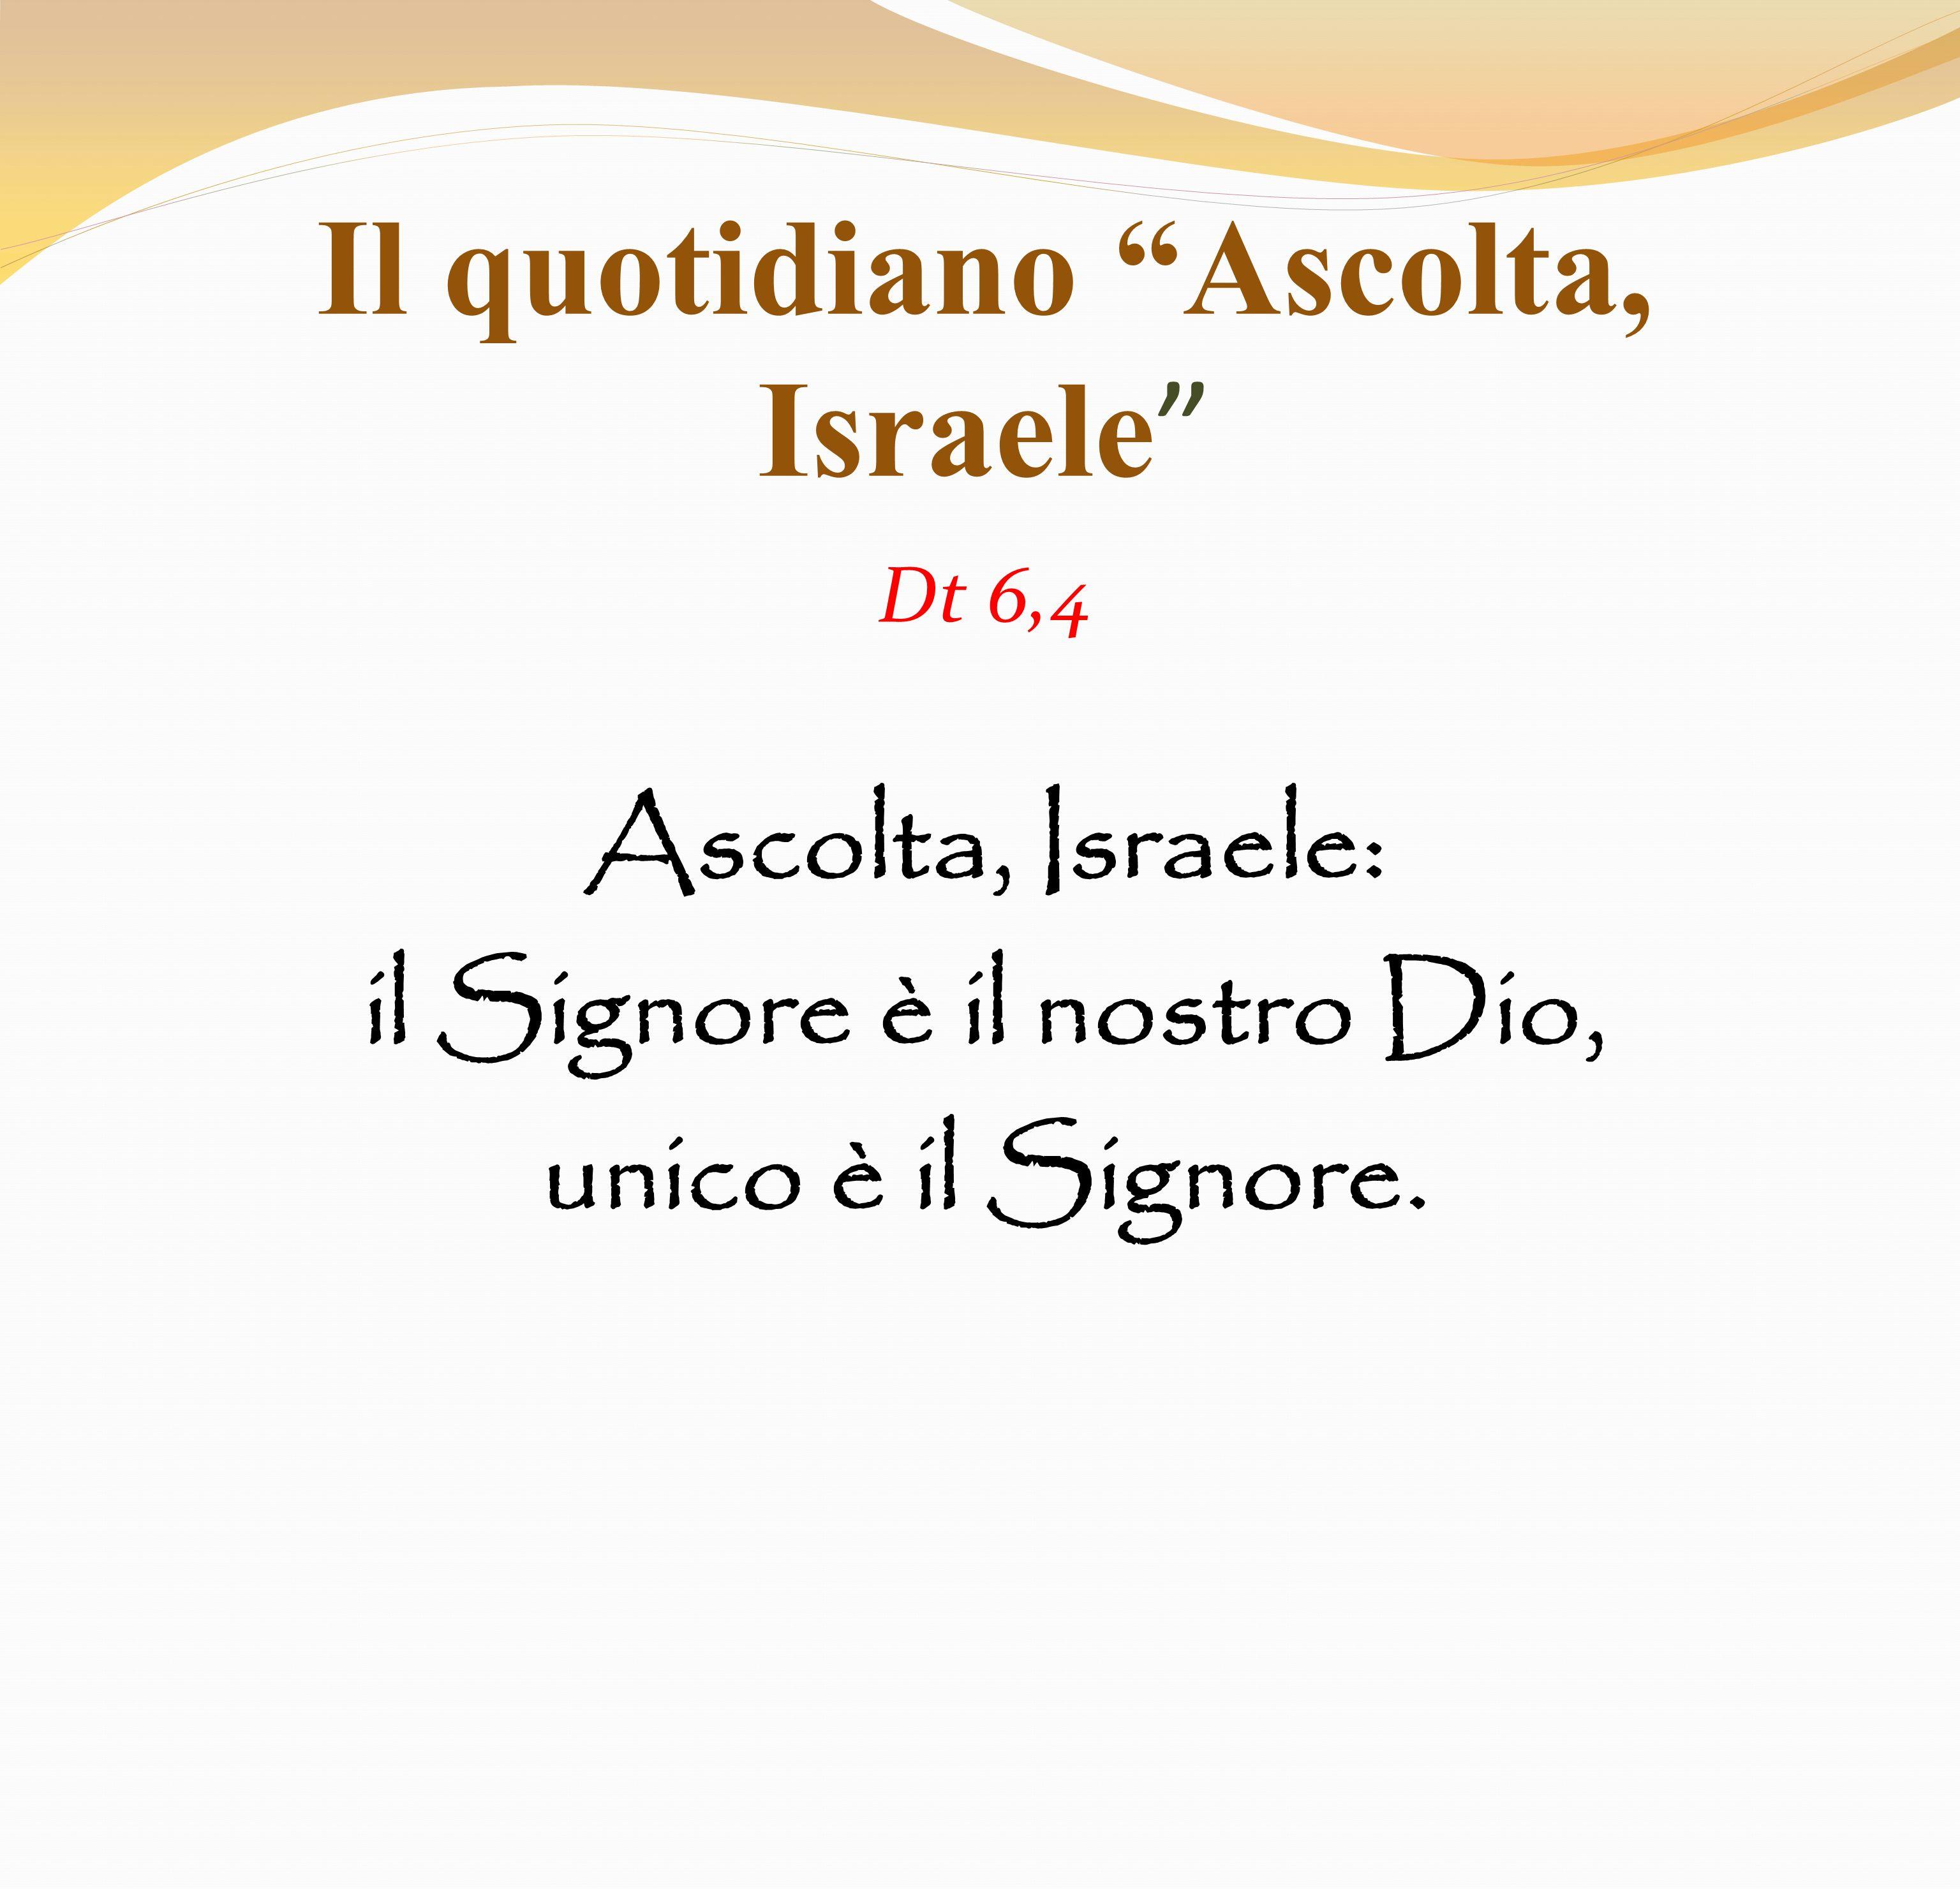 Il quotidiano Ascolta, Israele Dt 6,4 Ascolta, Israele: il Signore è il nostro Dio, unico è il Signore.